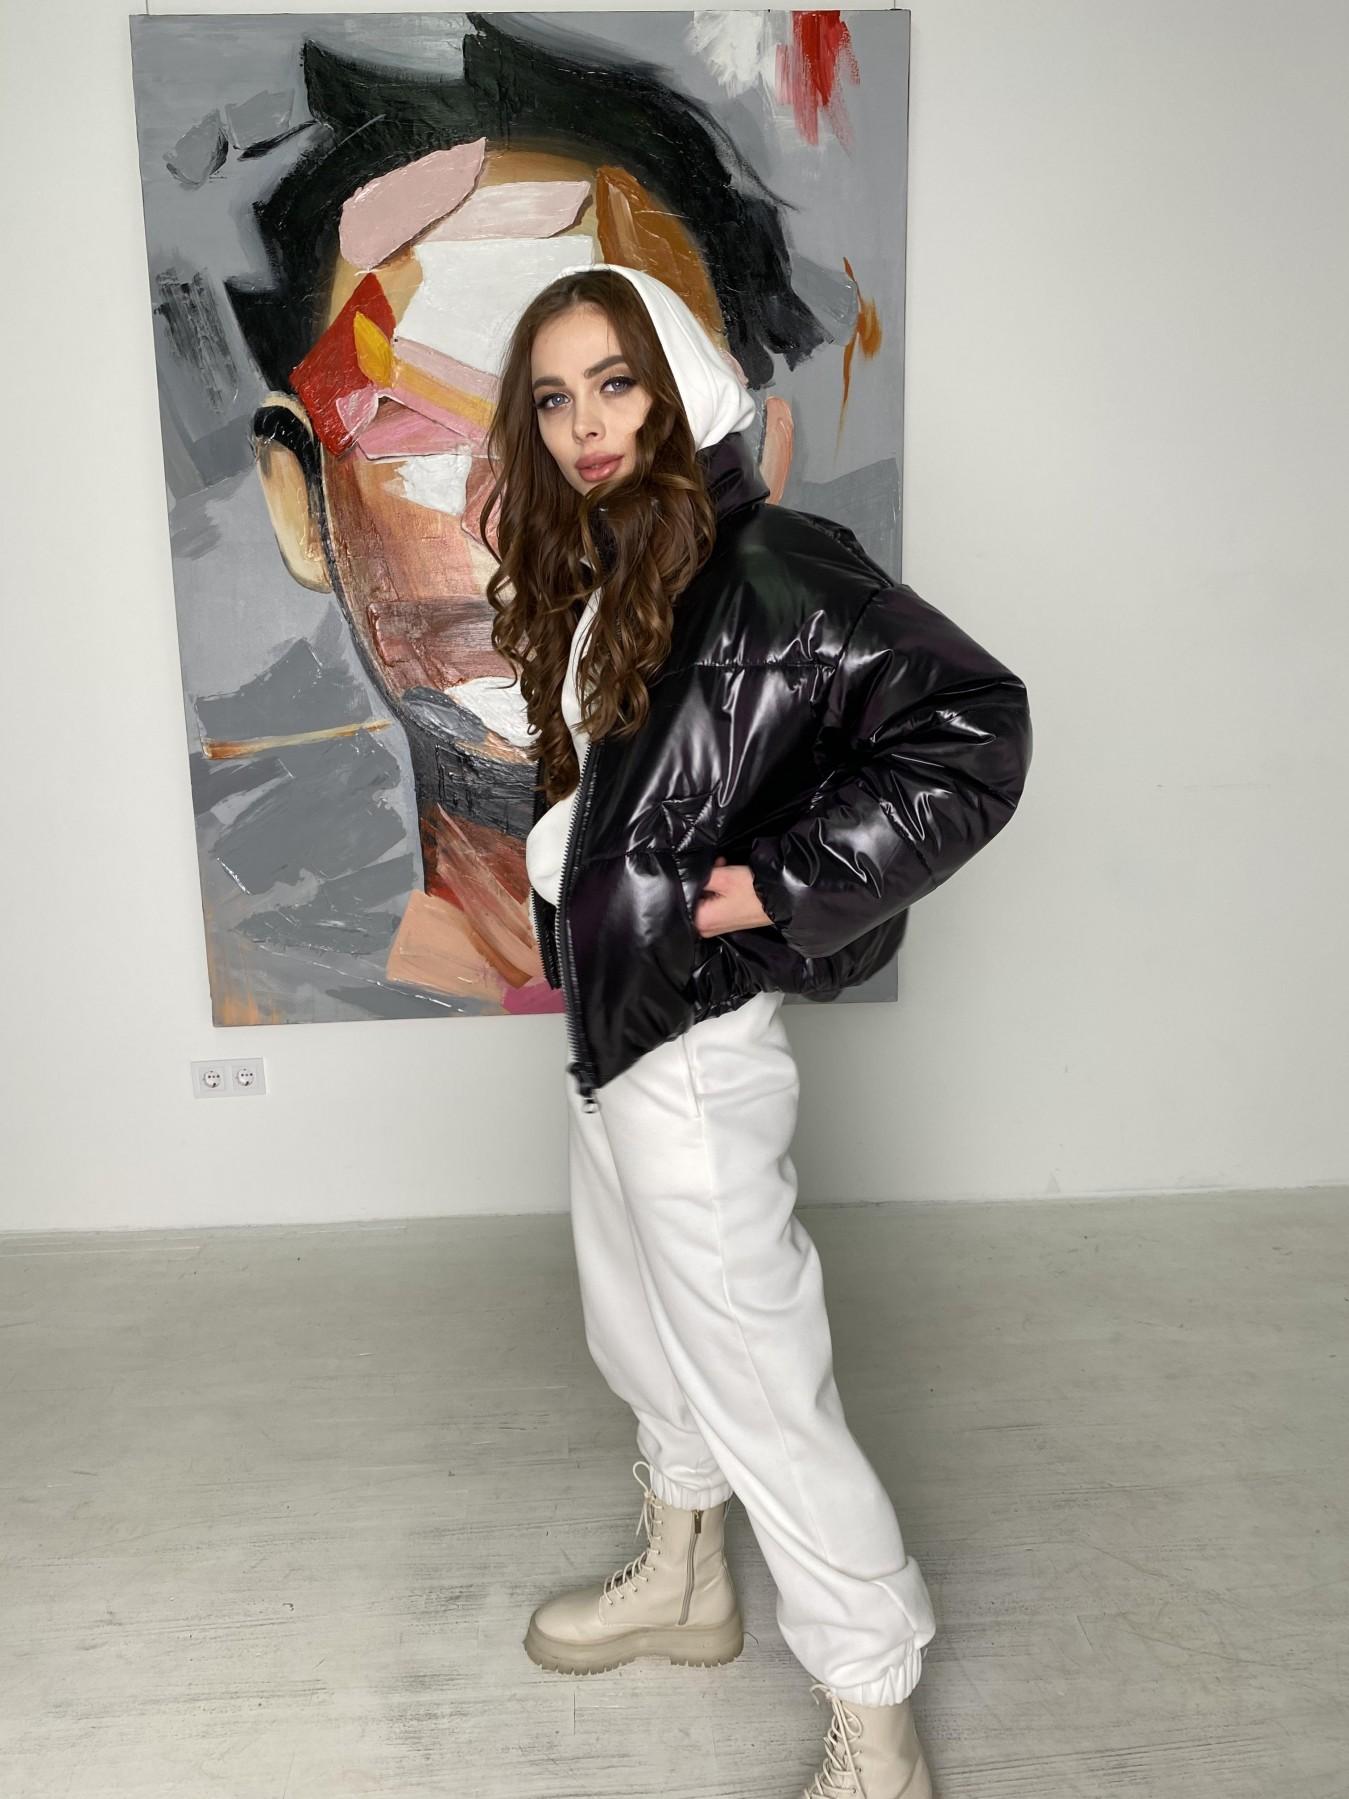 Драйв куртка из плащевой ткани 10497 АРТ. 46843 Цвет: Черный - фото 5, интернет магазин tm-modus.ru